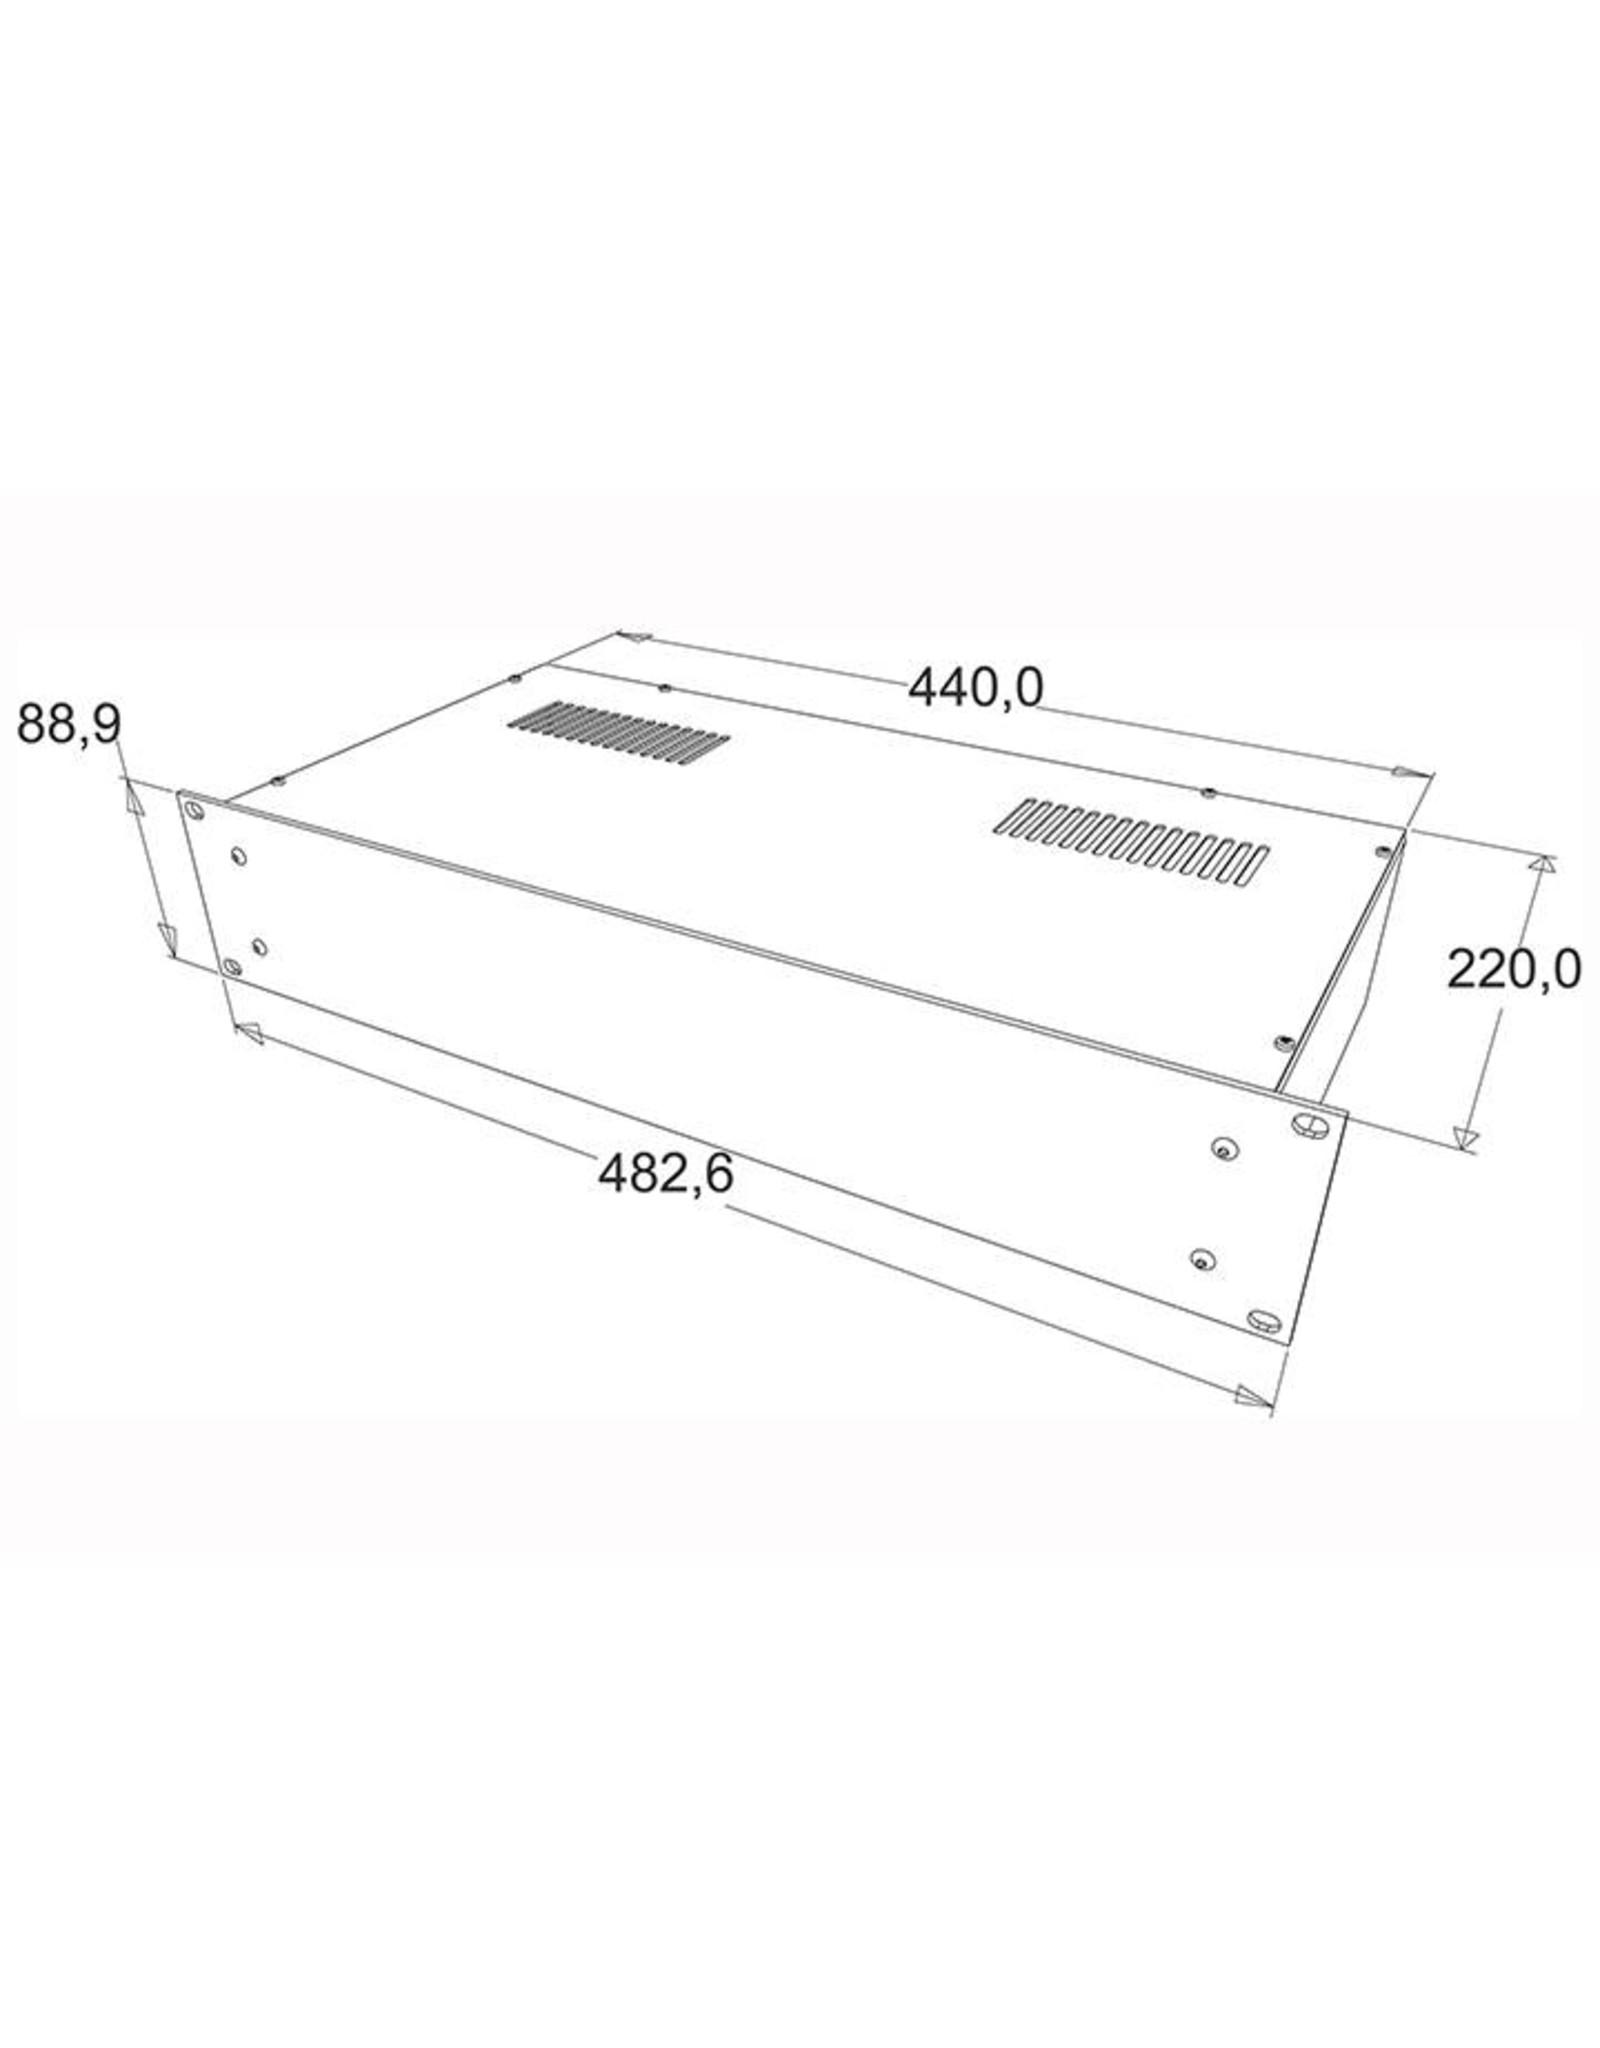 Penn Elcom Penn Elcom 19 inch kast + frontplaat, 2 HE, 220 mm diep